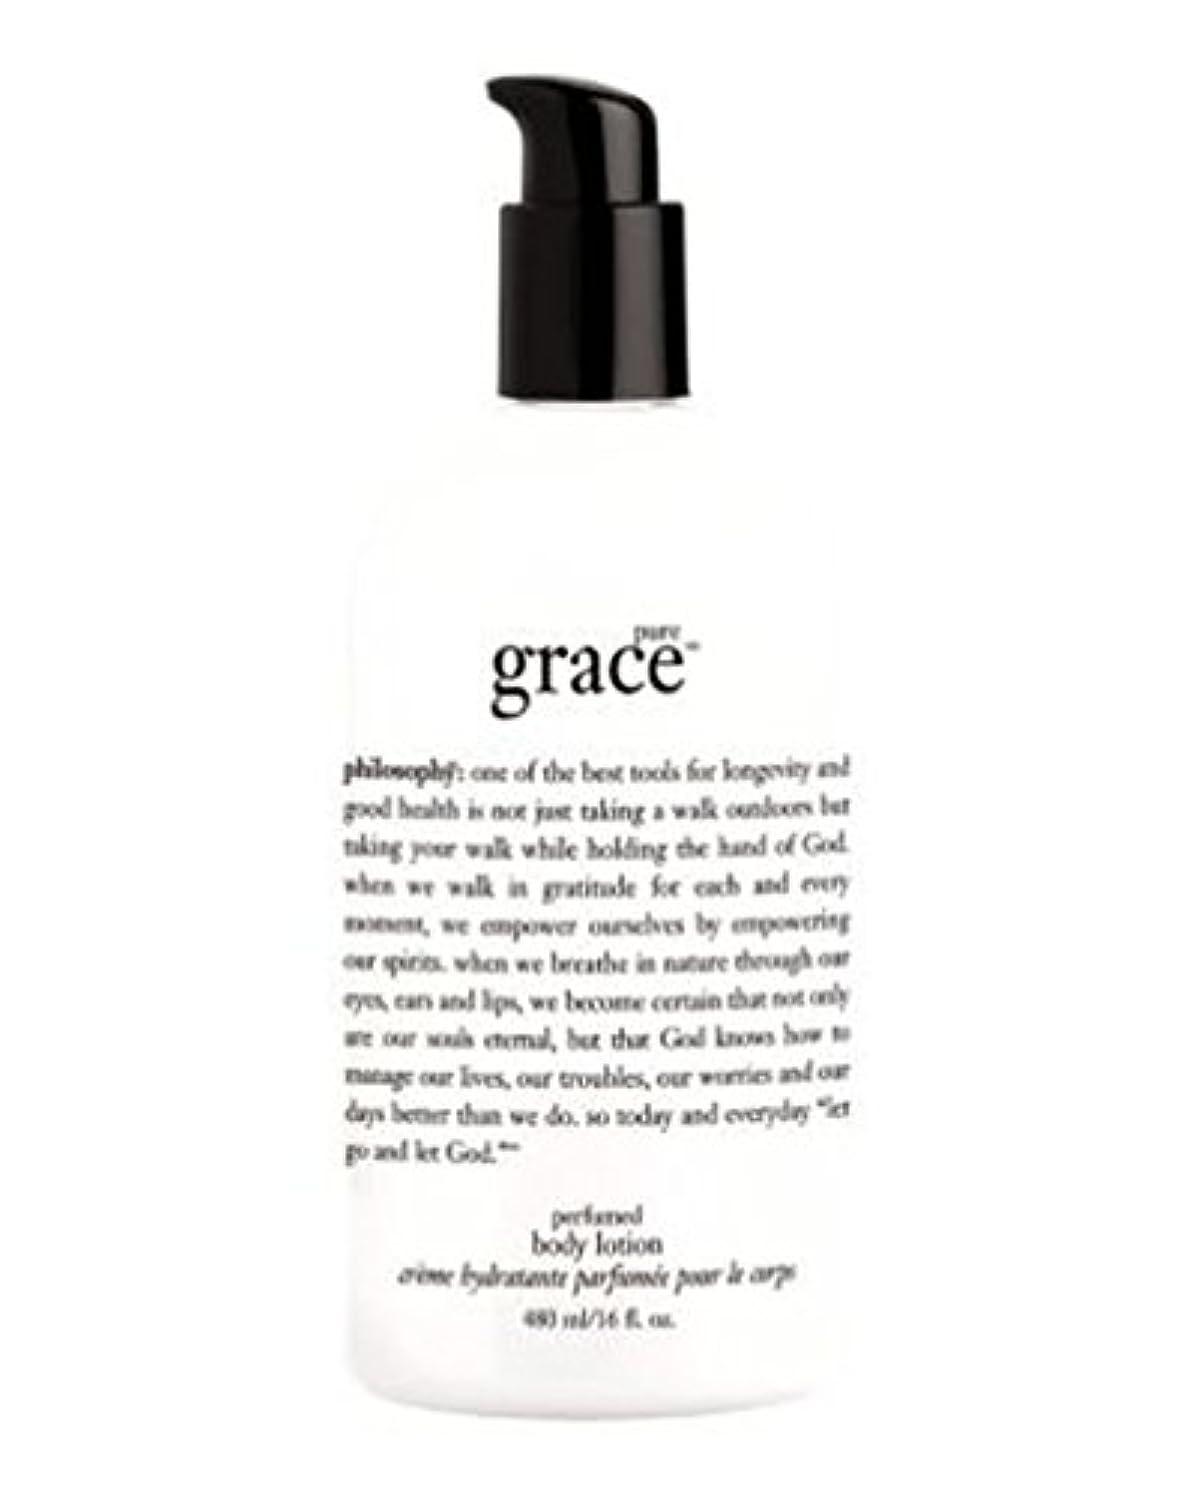 十億失望させる香水philosophy pure grace body lotion 480ml - 哲学純粋な恵みボディローション480ミリリットル (Philosophy) [並行輸入品]